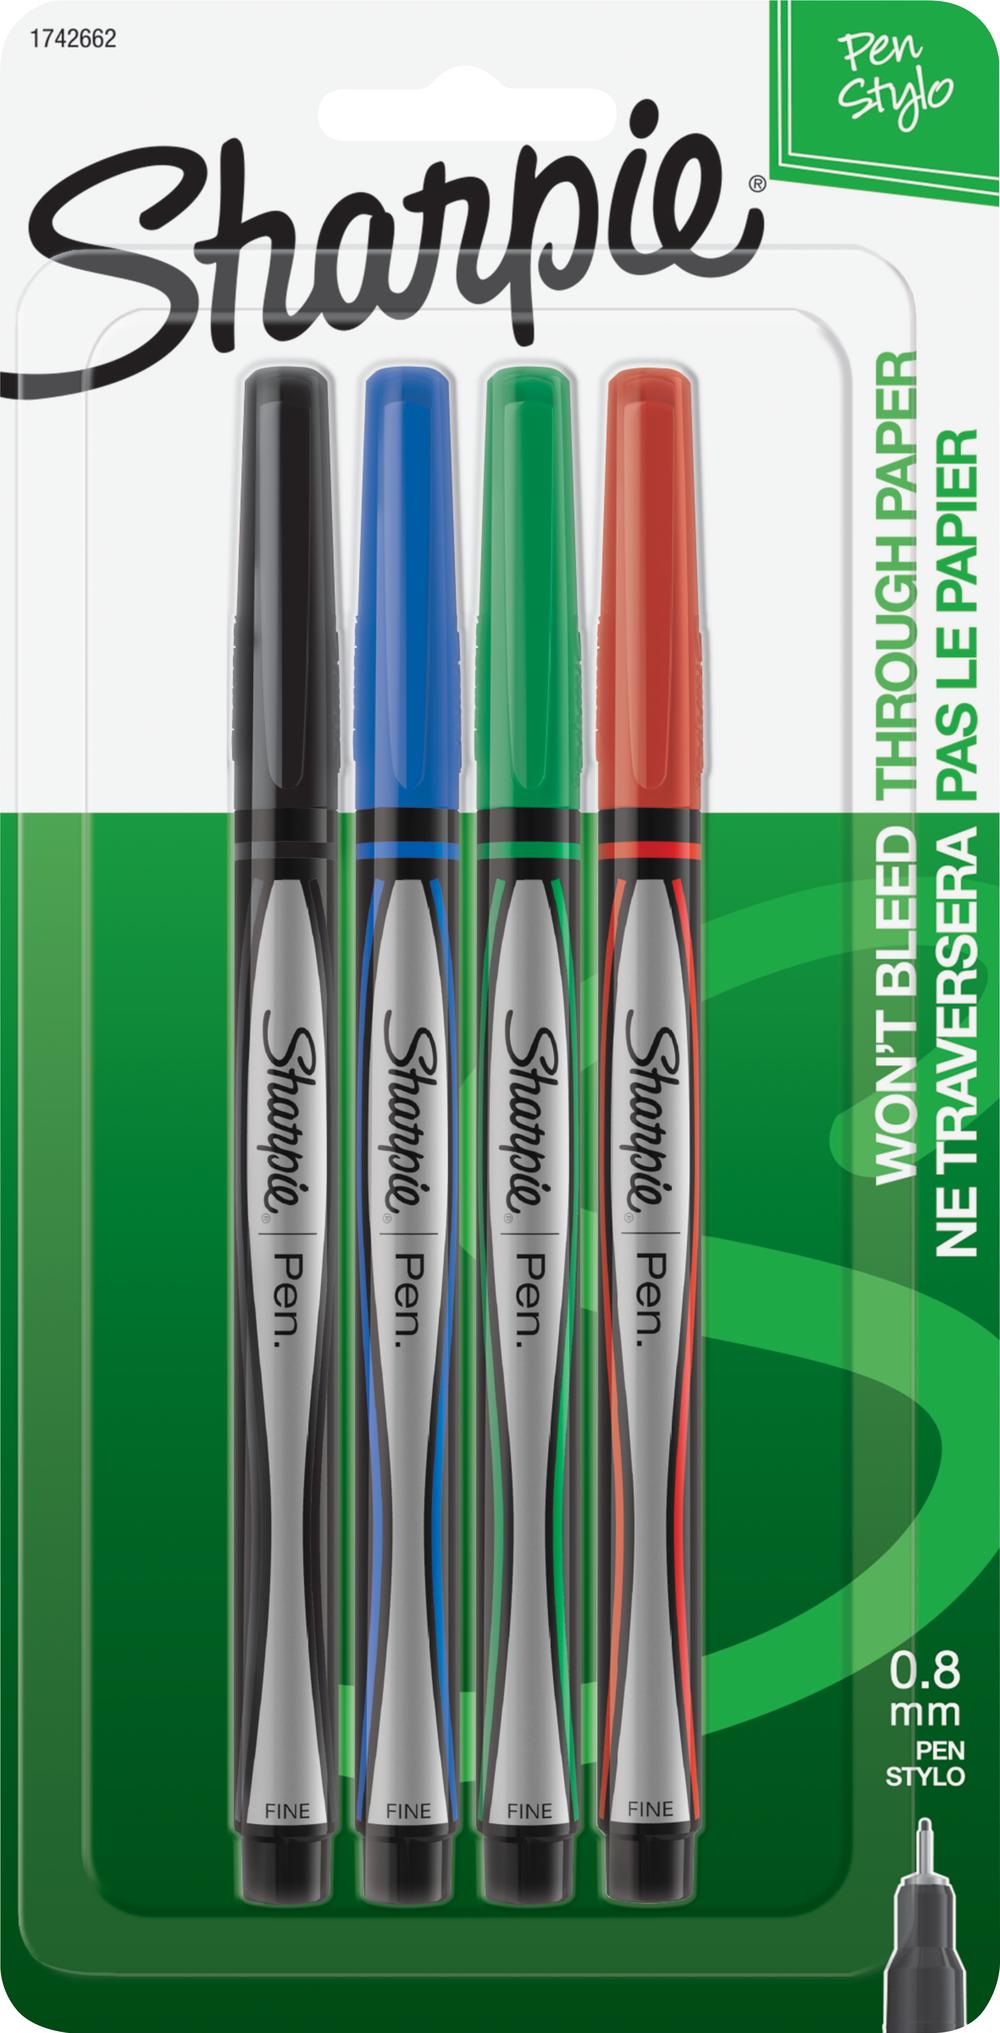 Sharpie Pen - Asst Fine 4Pk BP